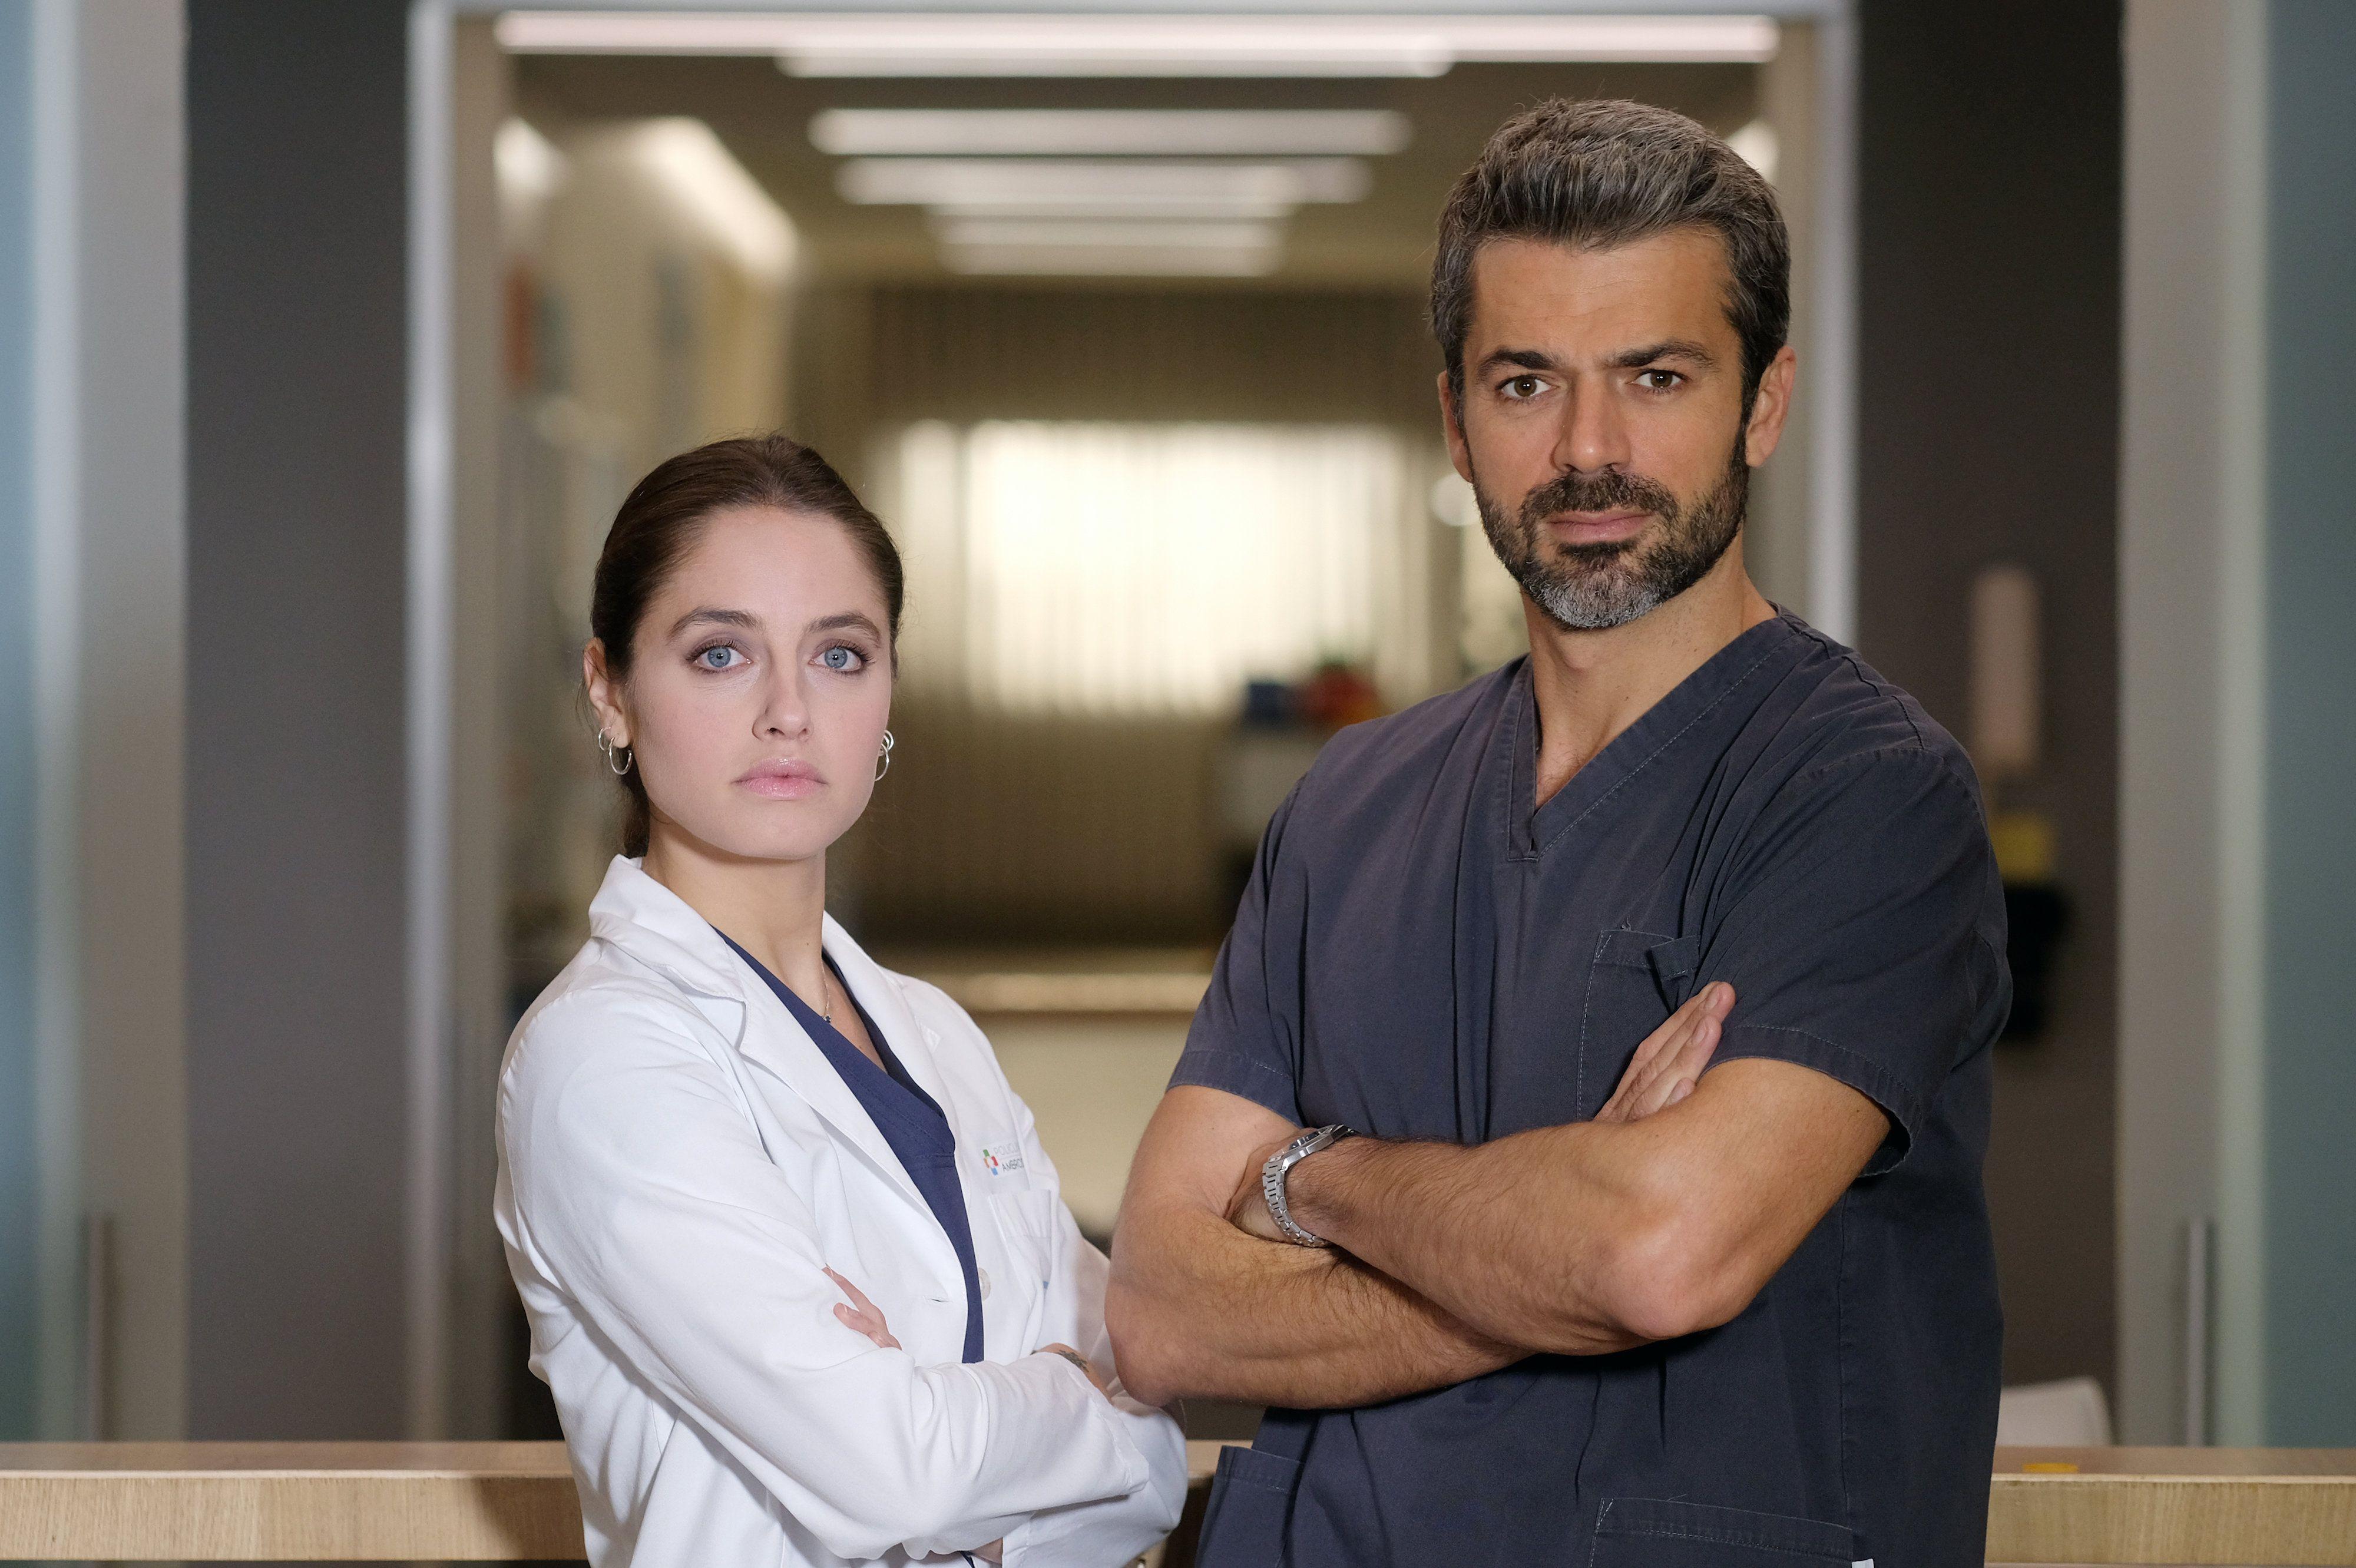 «Doc Nelle tue mani»: le anticipazioni della puntata del 29 ottobre